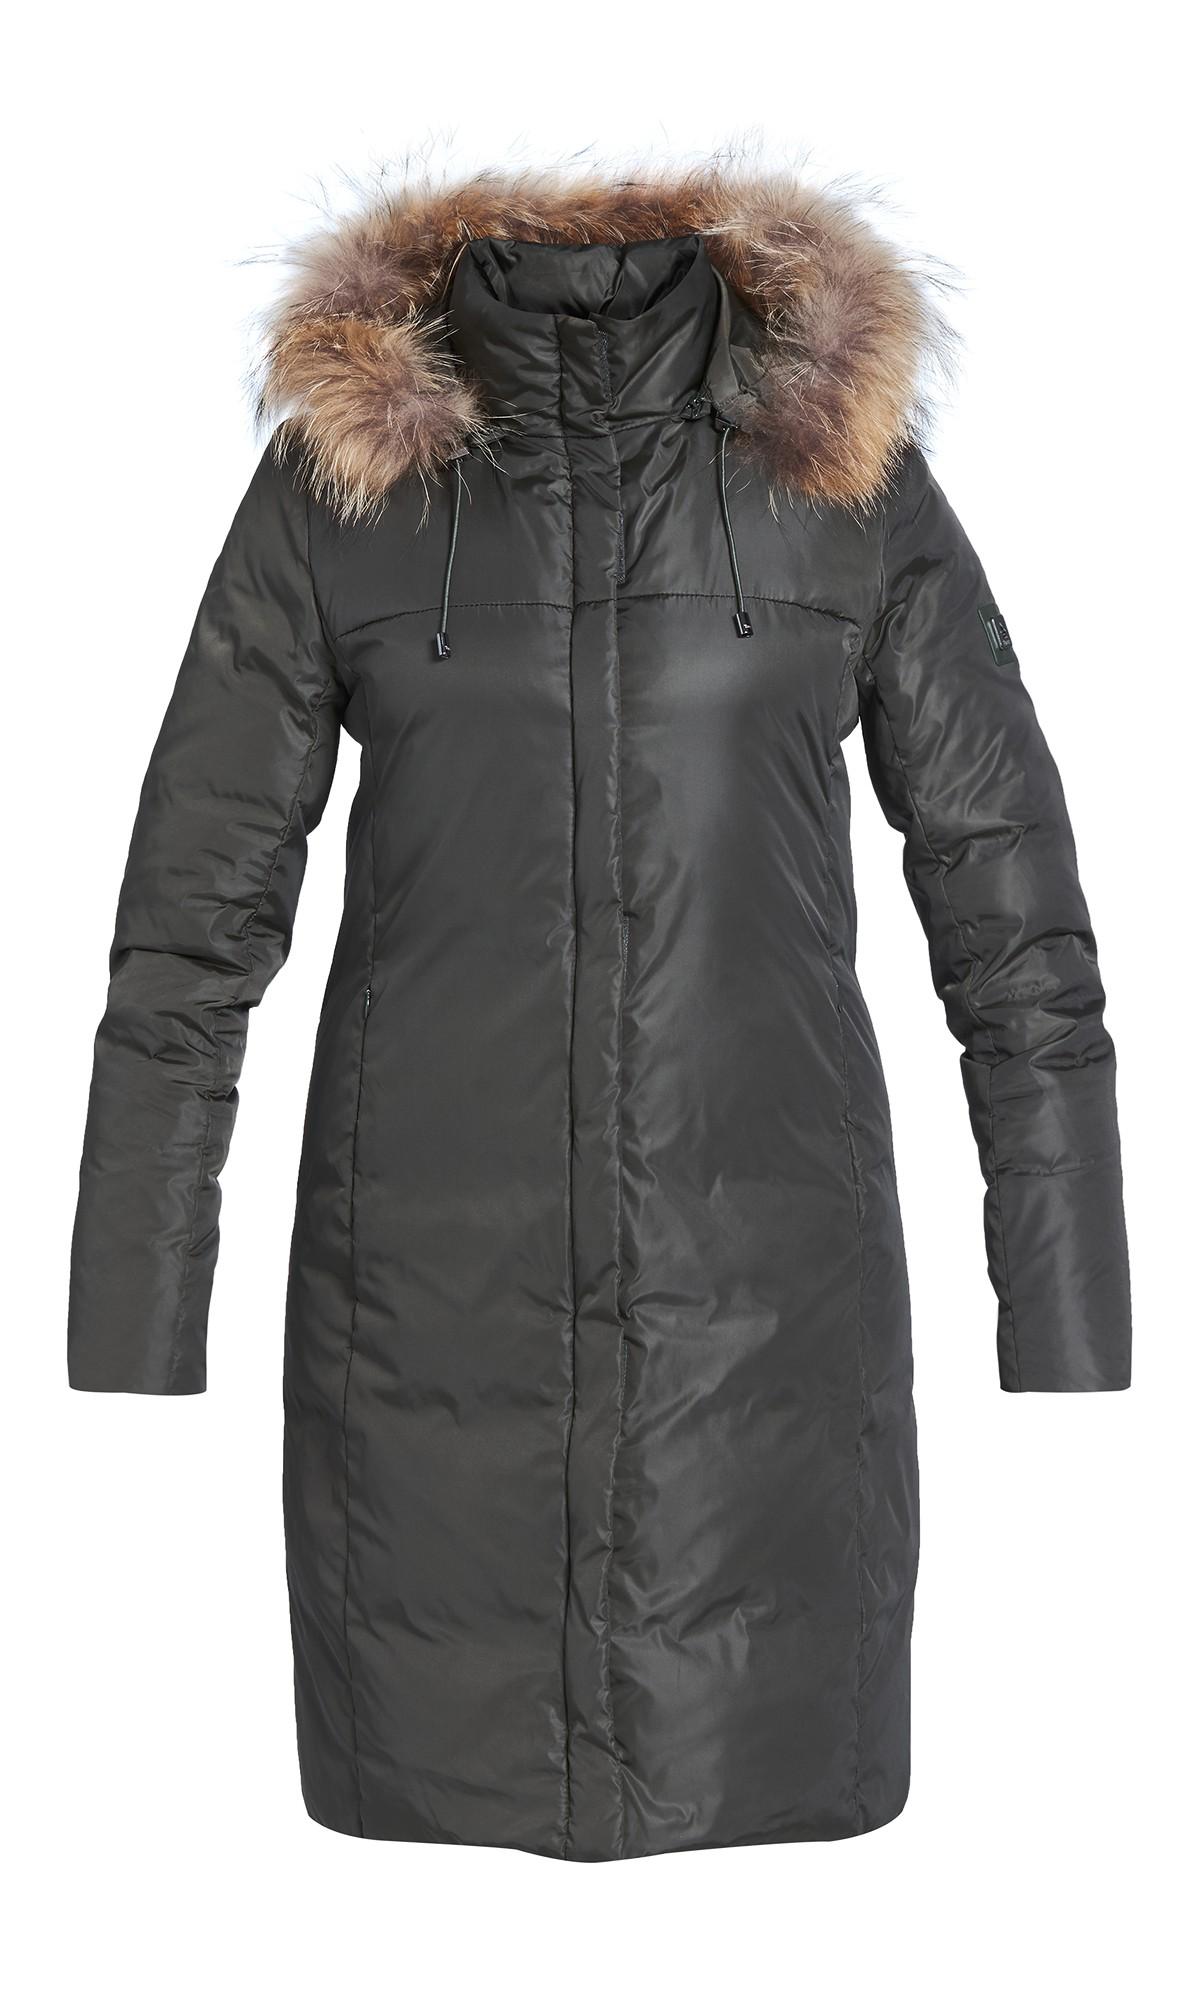 Kurtka zimowa Tiffi z kapturem, w kolorze khaki, puchowa, futro